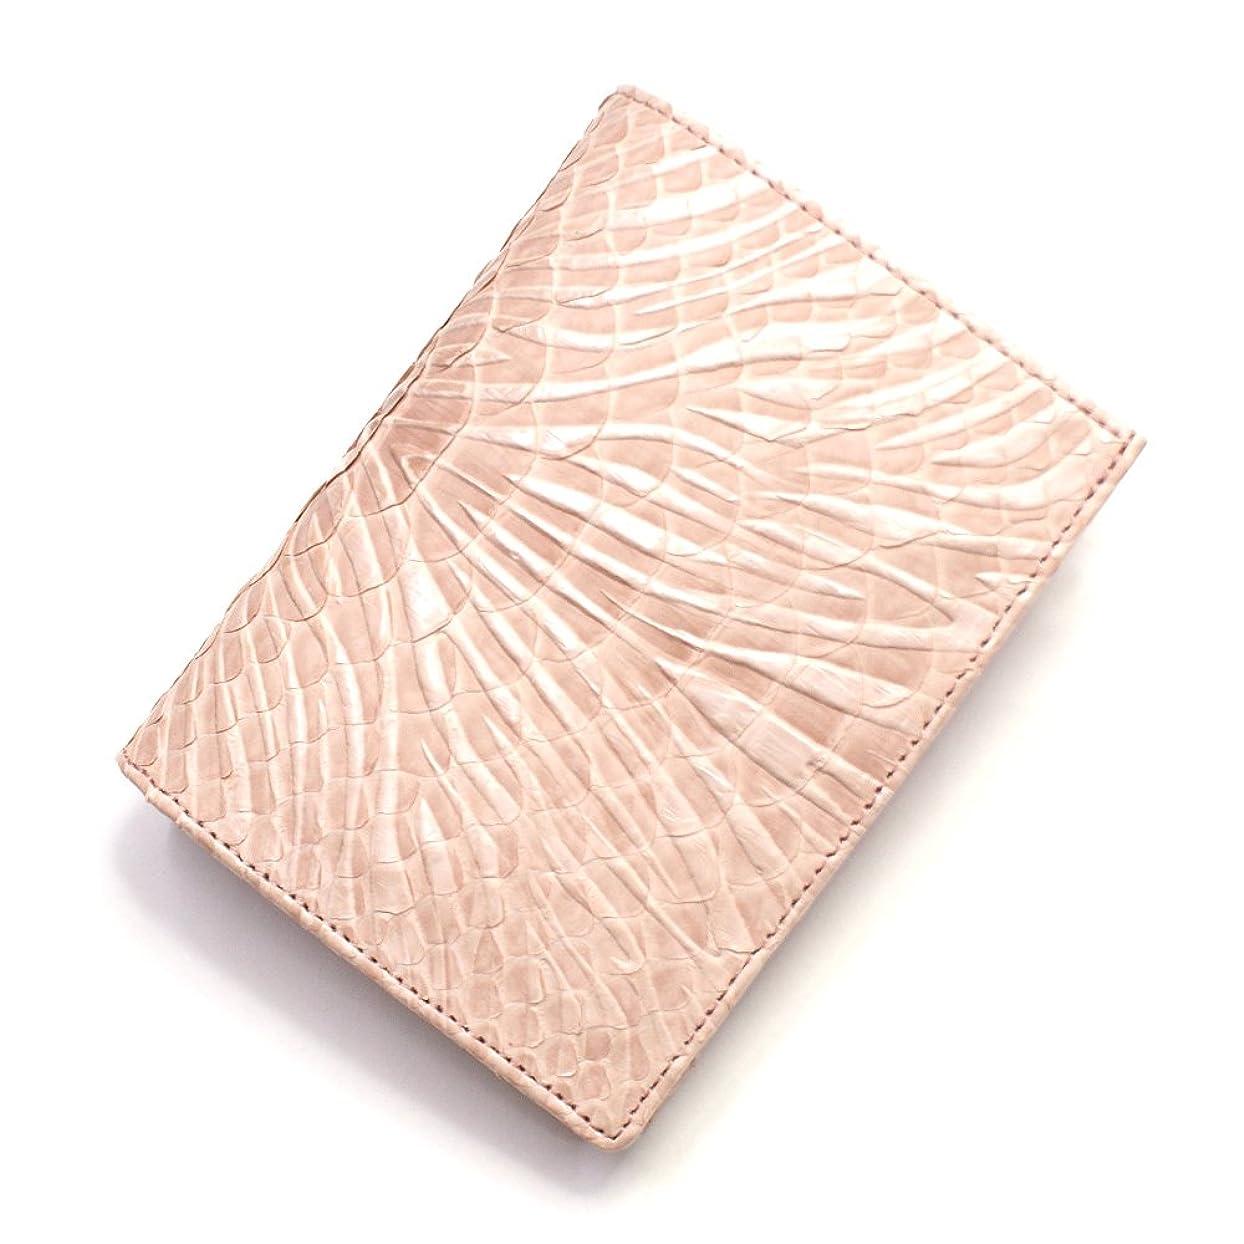 辞書リングレット輸血P-WV1013-PINK 蛇革 財布【パイソン財布】【横向き型】【小銭入れあり】ウェーブ風型押し仕上げ:ピンク